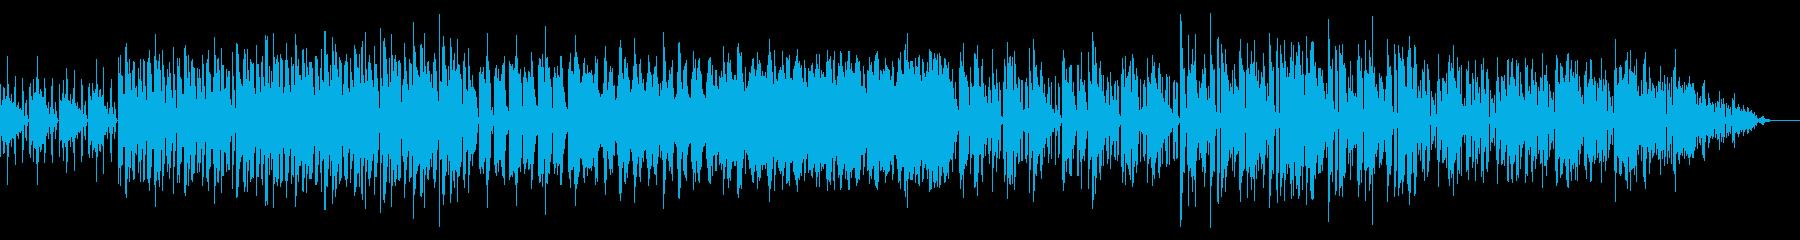 一定のノリで進むシンプルなテックハウスの再生済みの波形